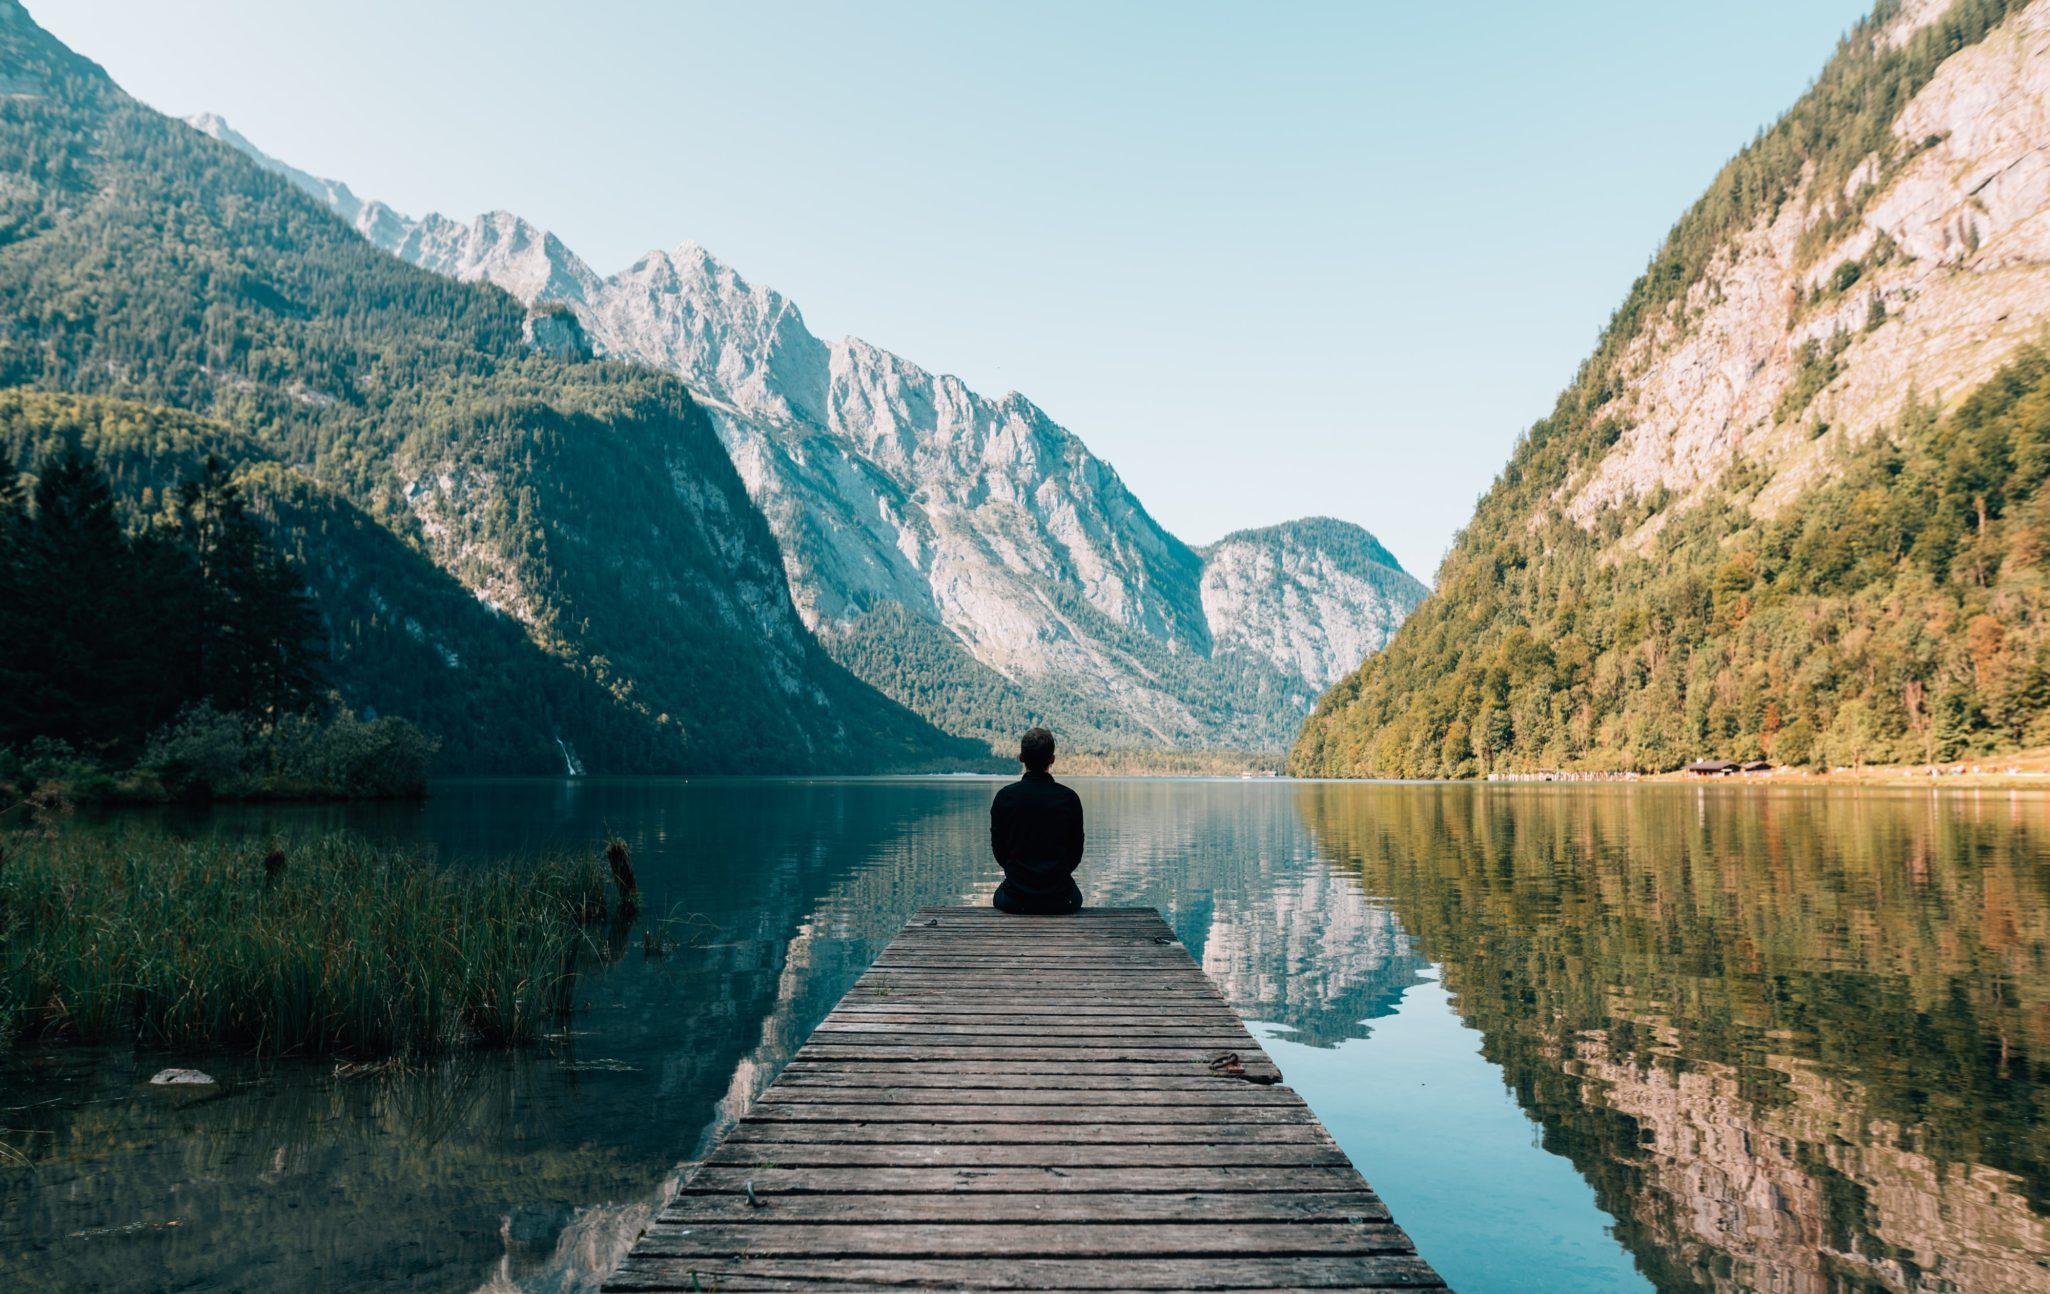 Meditation exercises to reduce stress